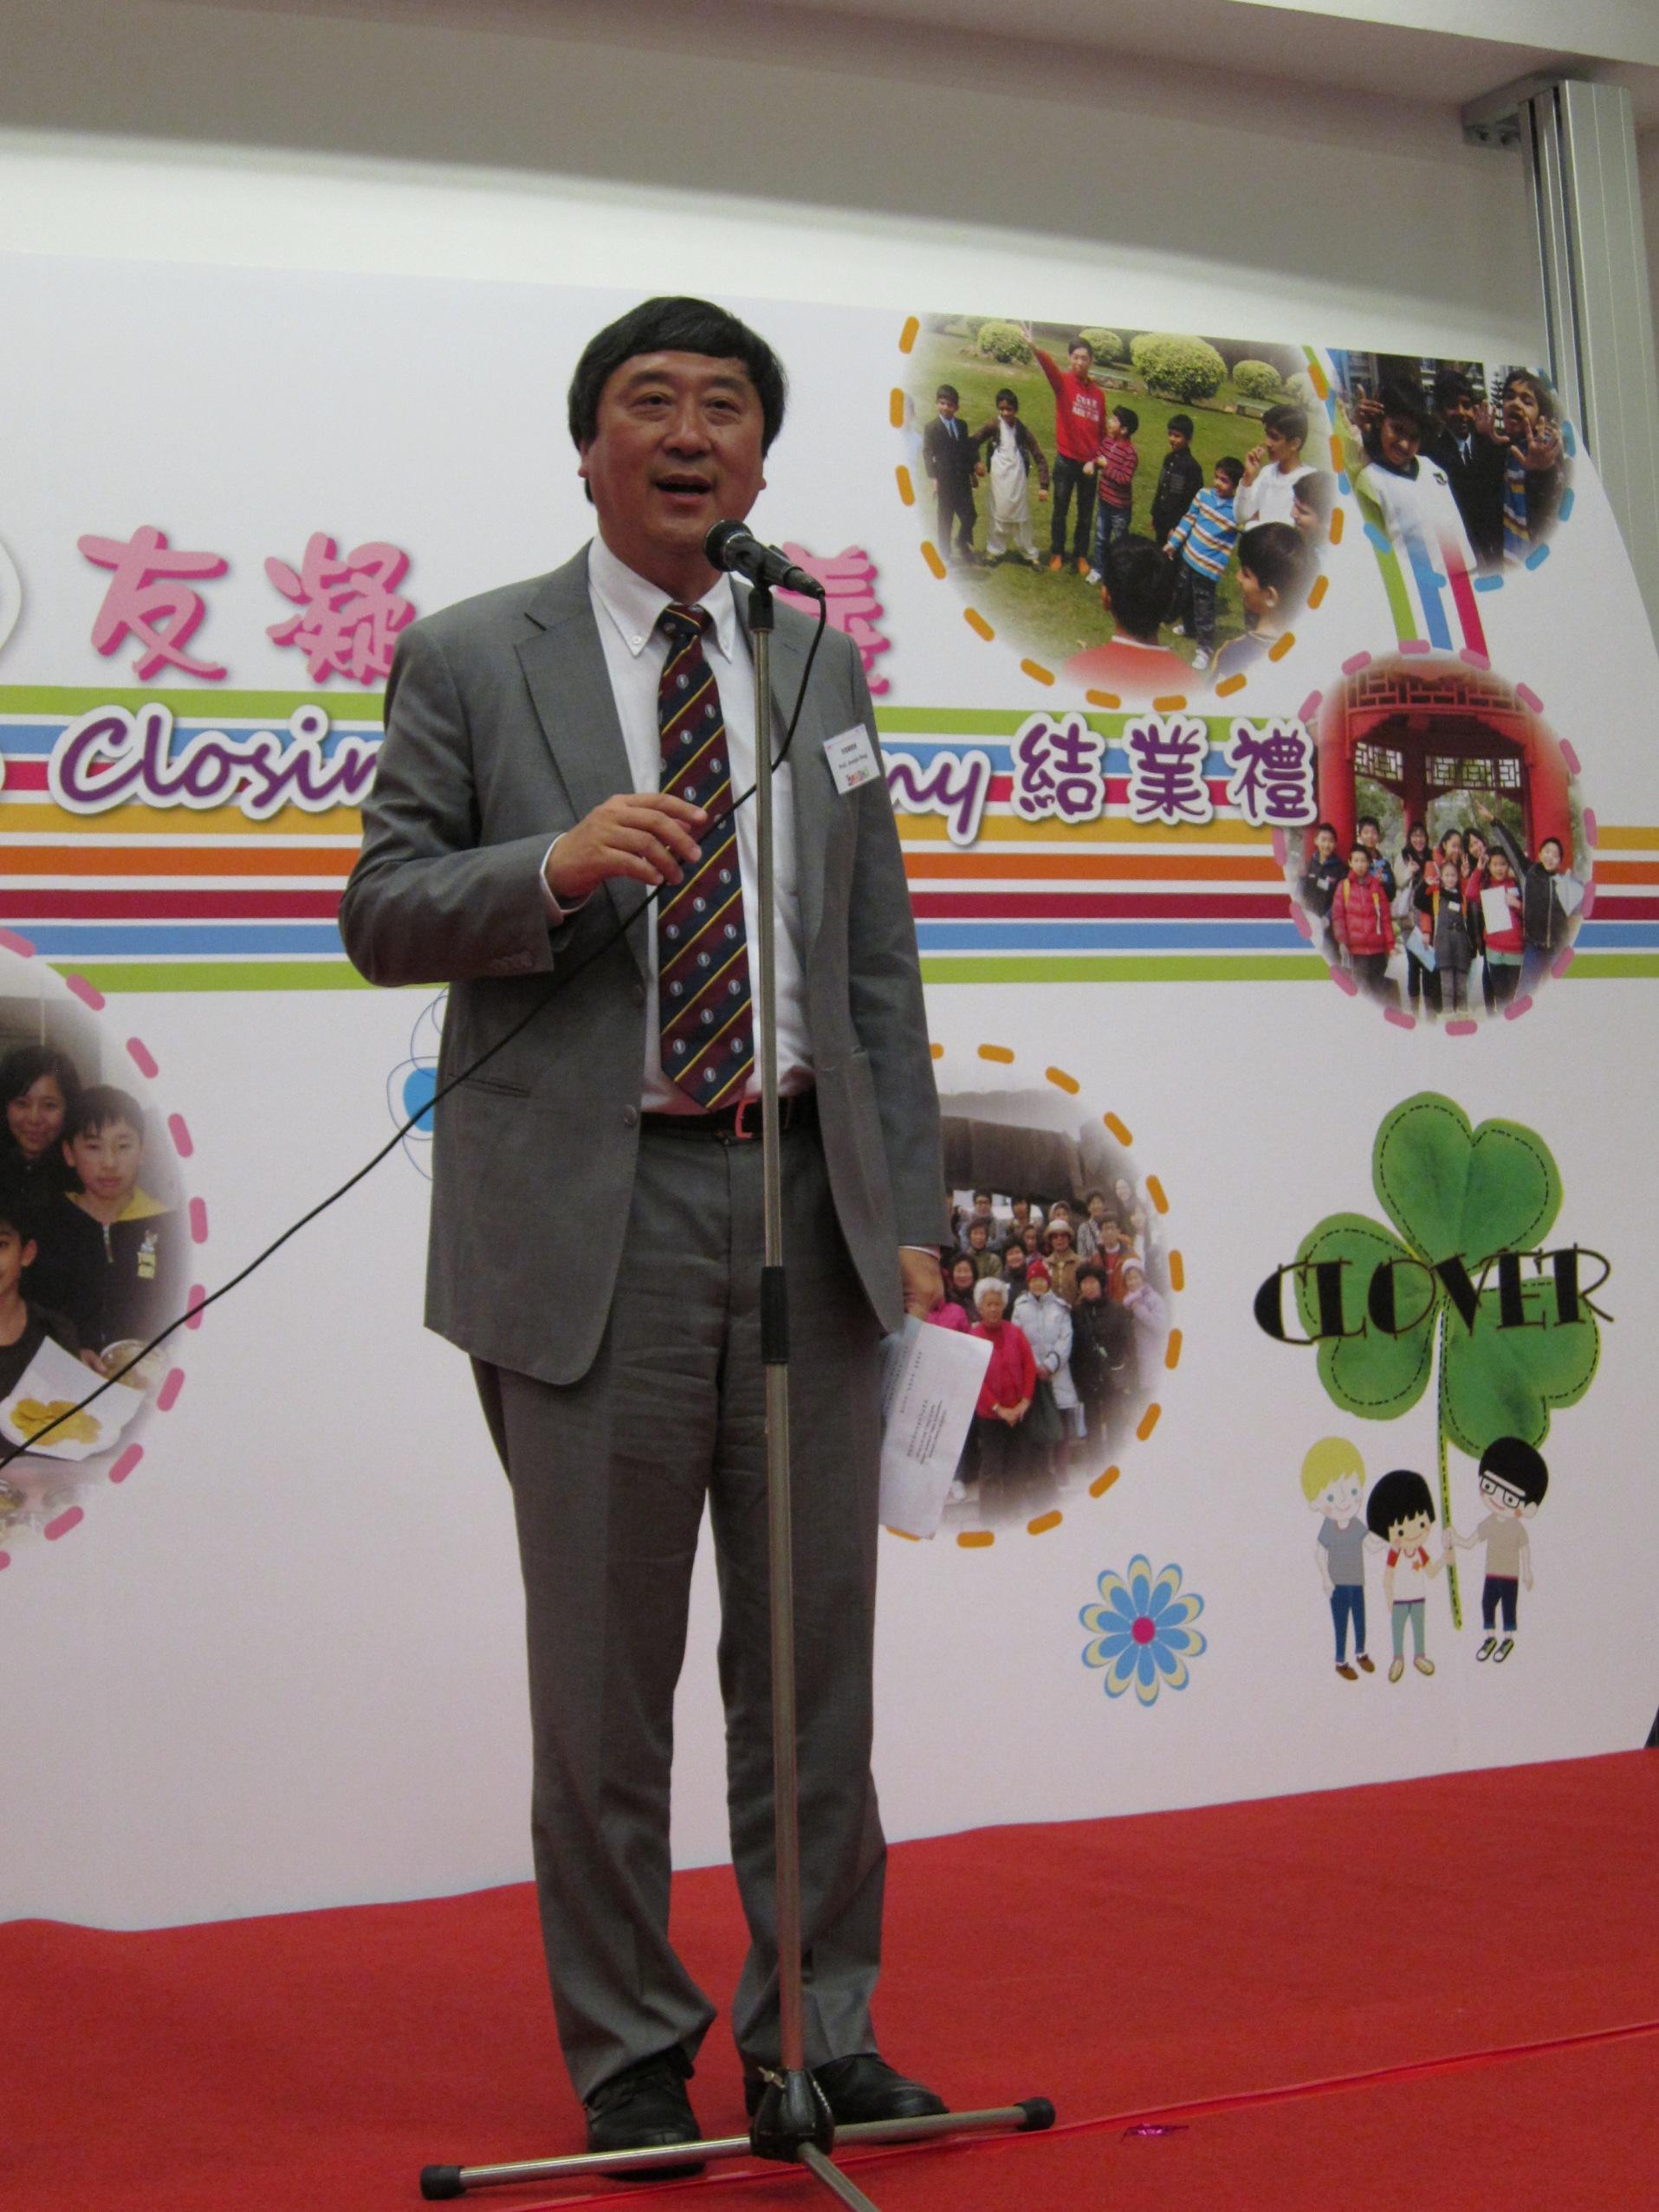 中大校長沈祖堯教授致辭。